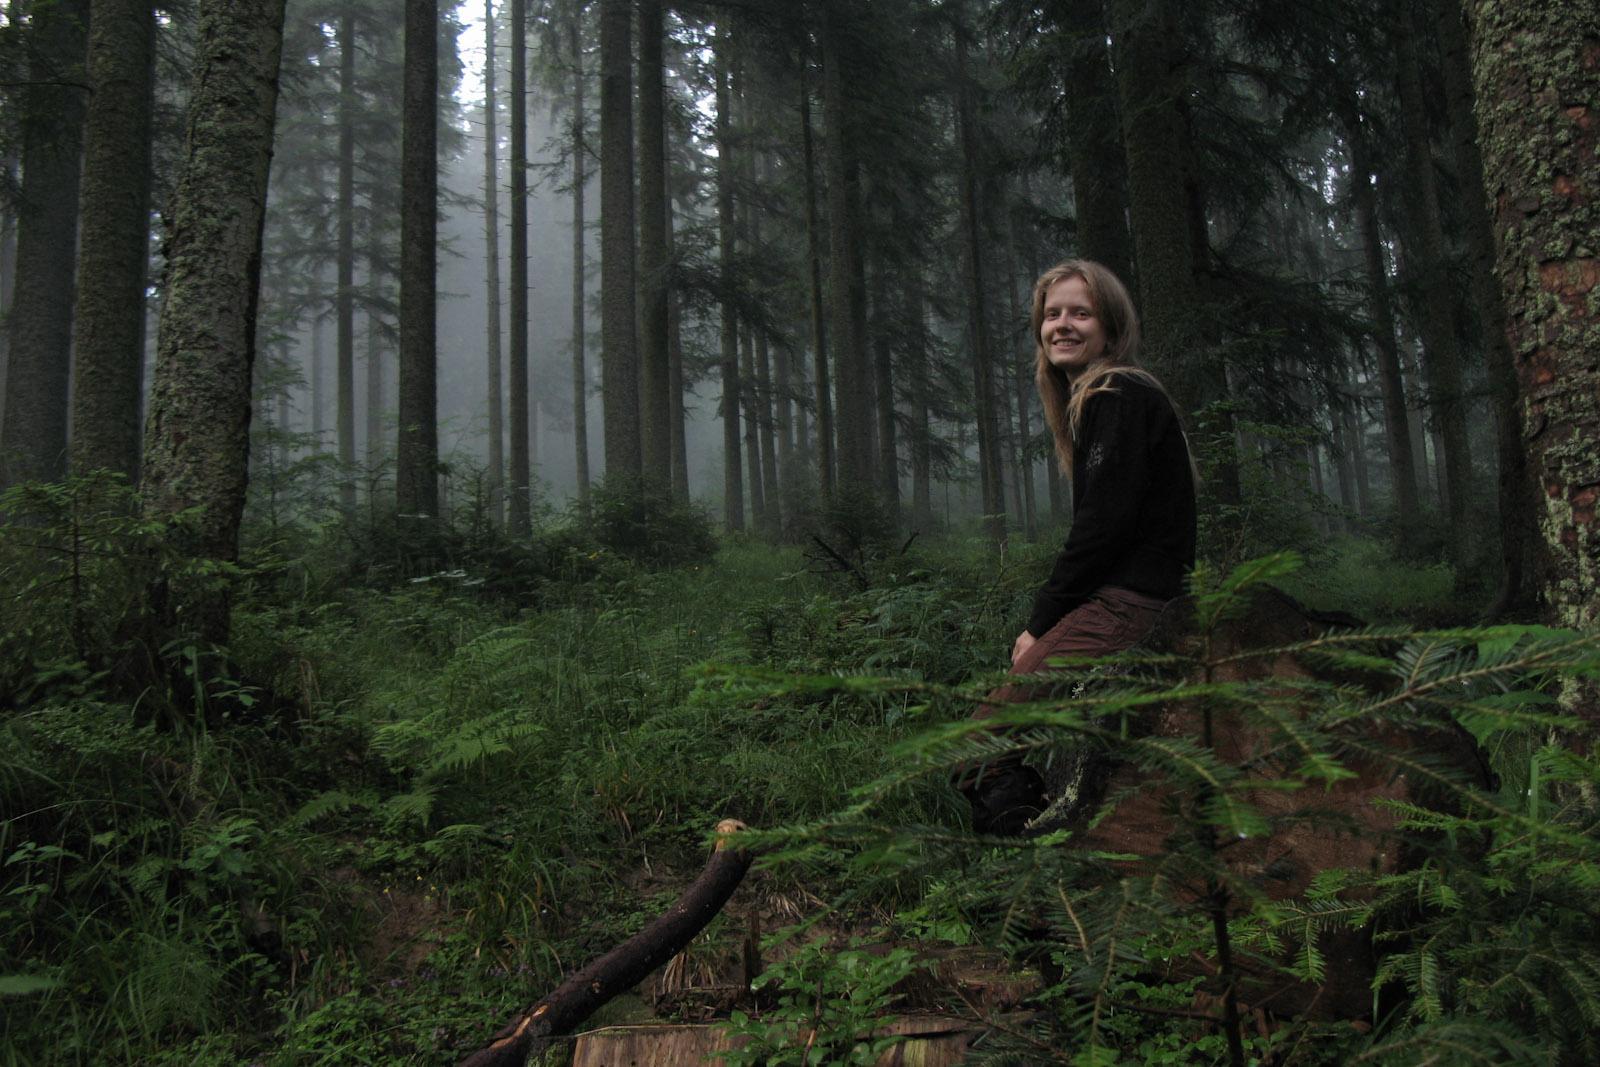 Hanne in de woud van Zgorzelisko